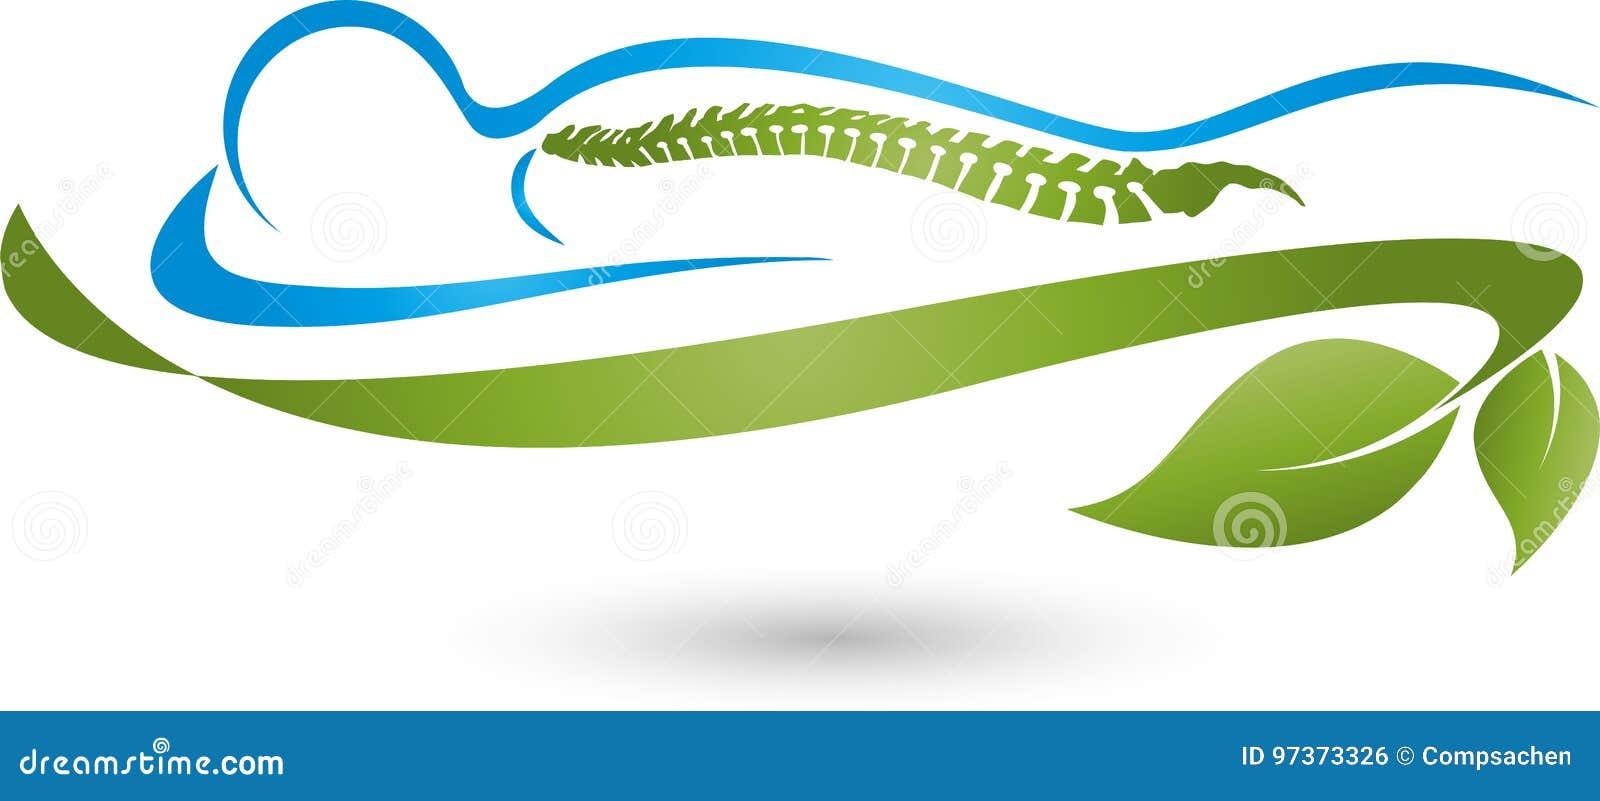 Πρόσωπο και φύλλα, φυτό, μασάζ και ορθοπεδικό λογότυπο